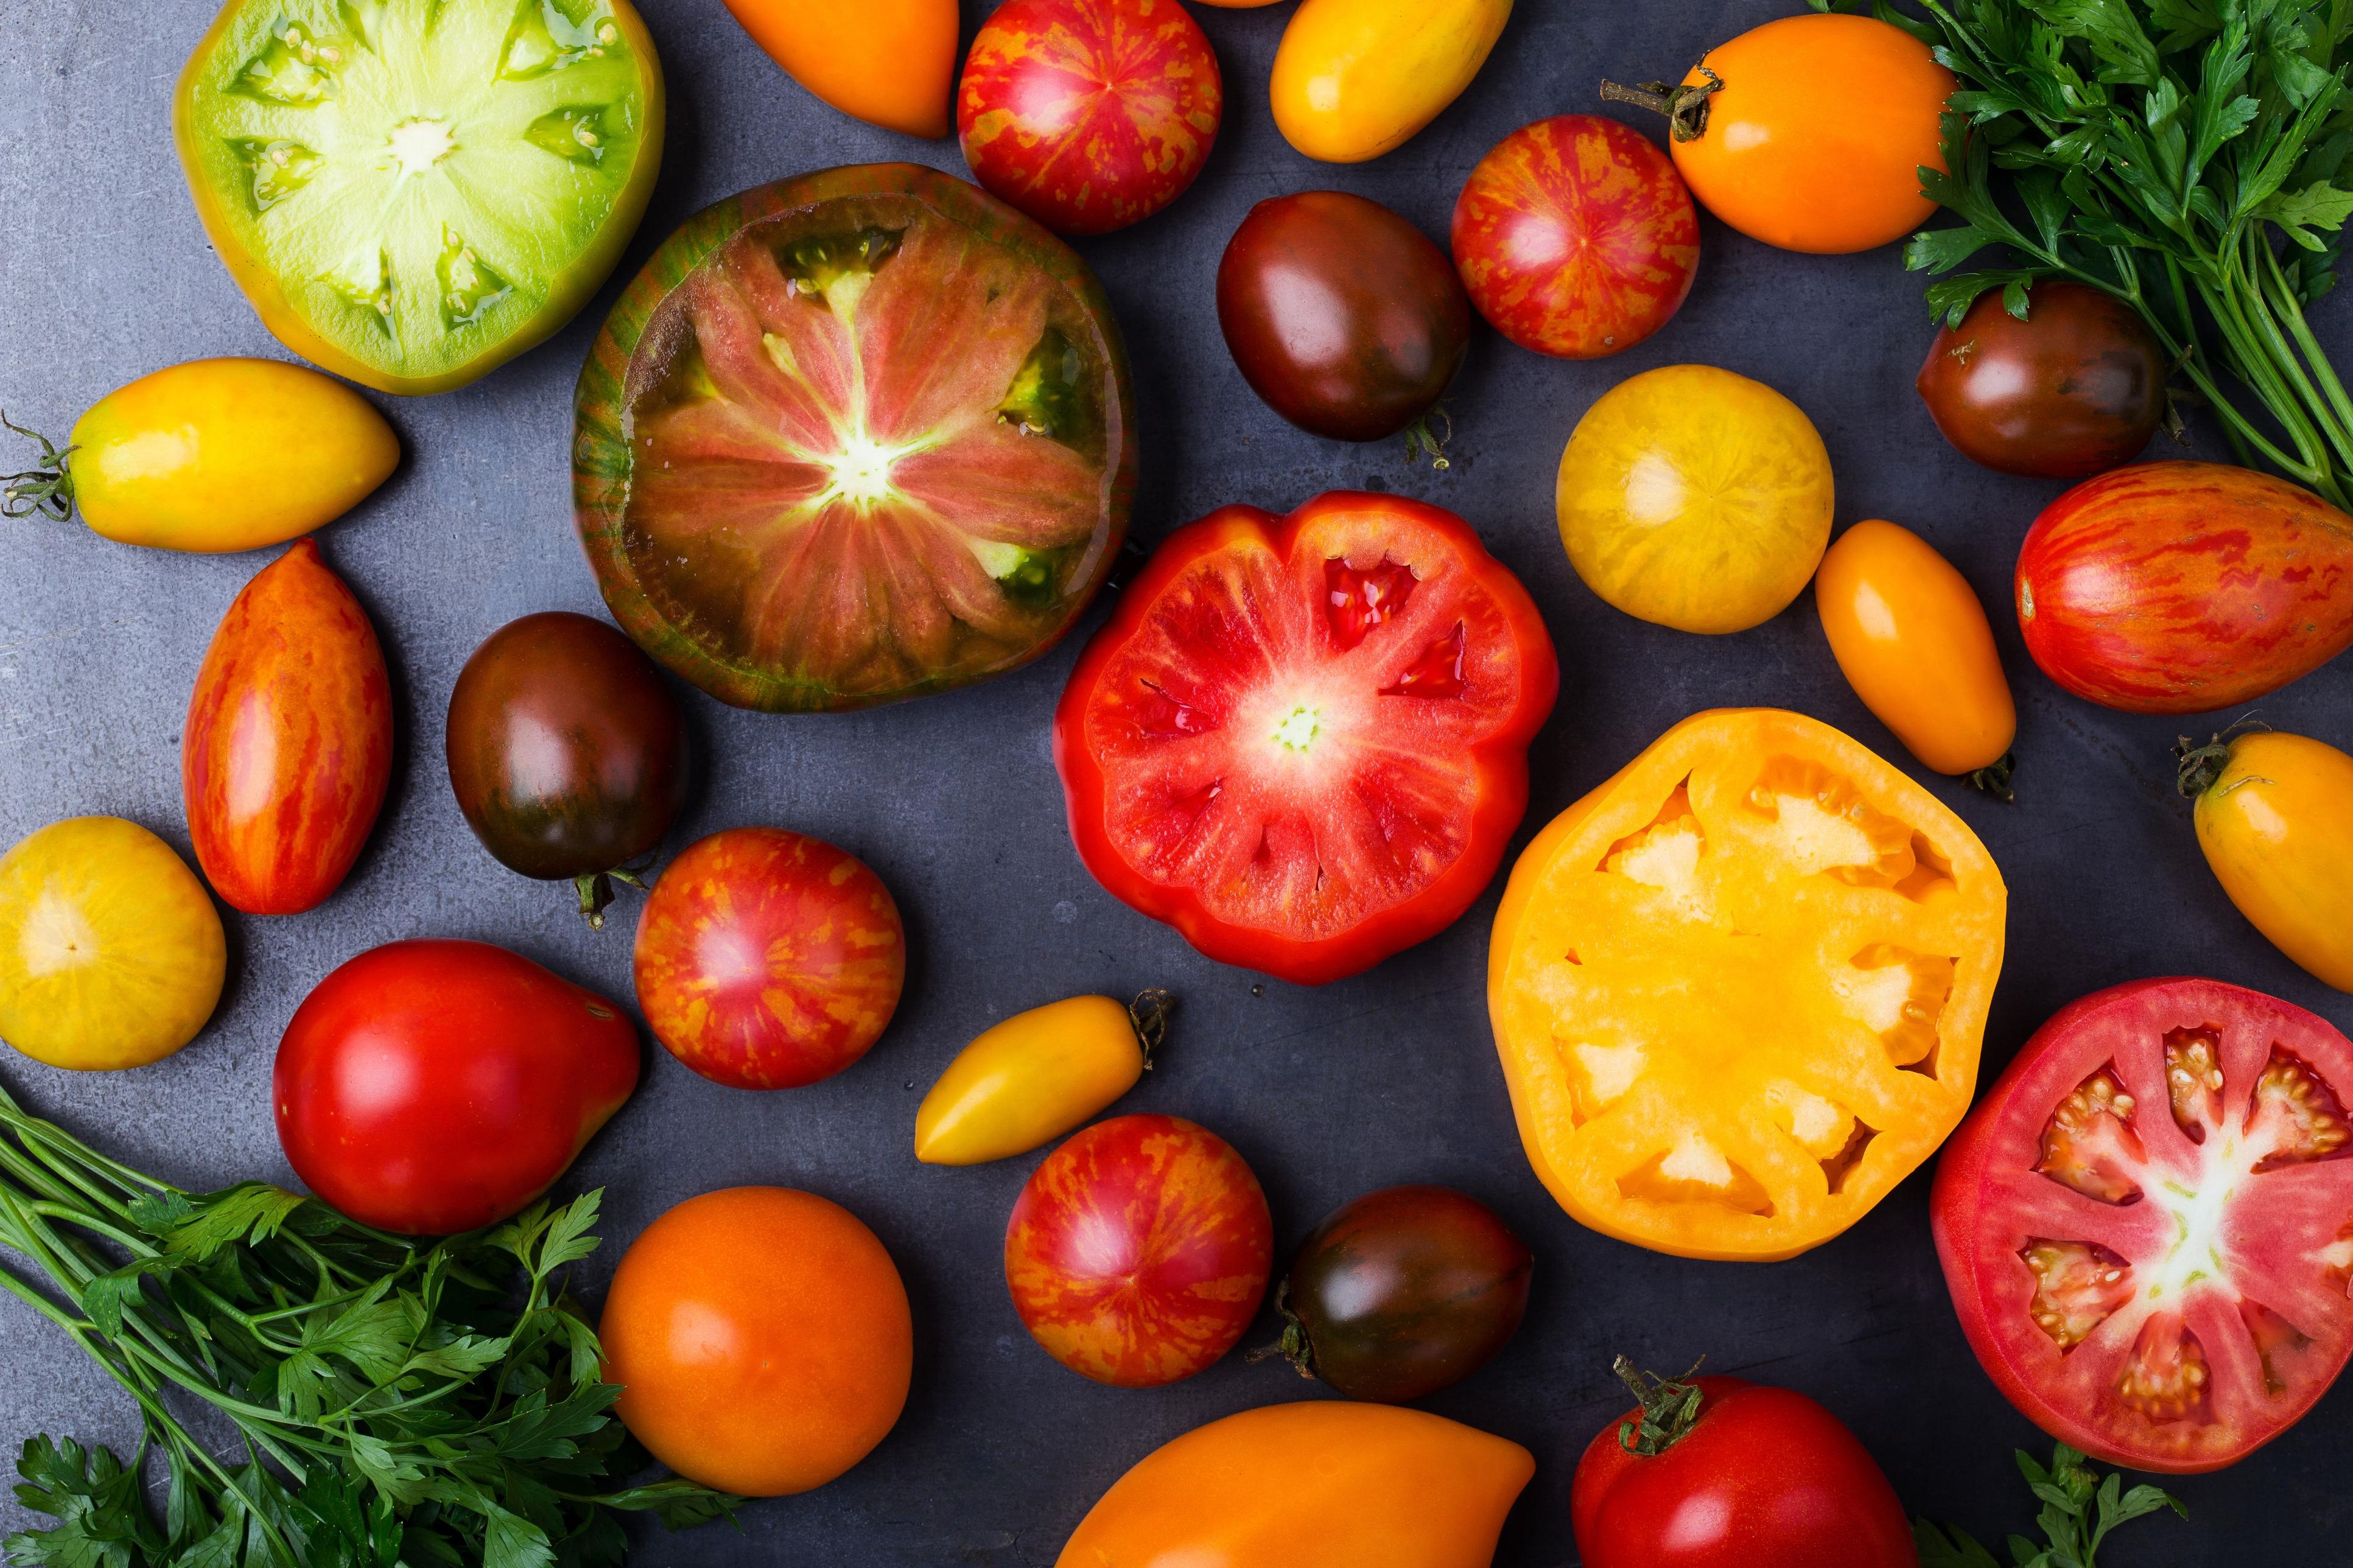 Fraîches ou cuites, les tomates sont toujours délicieuses!